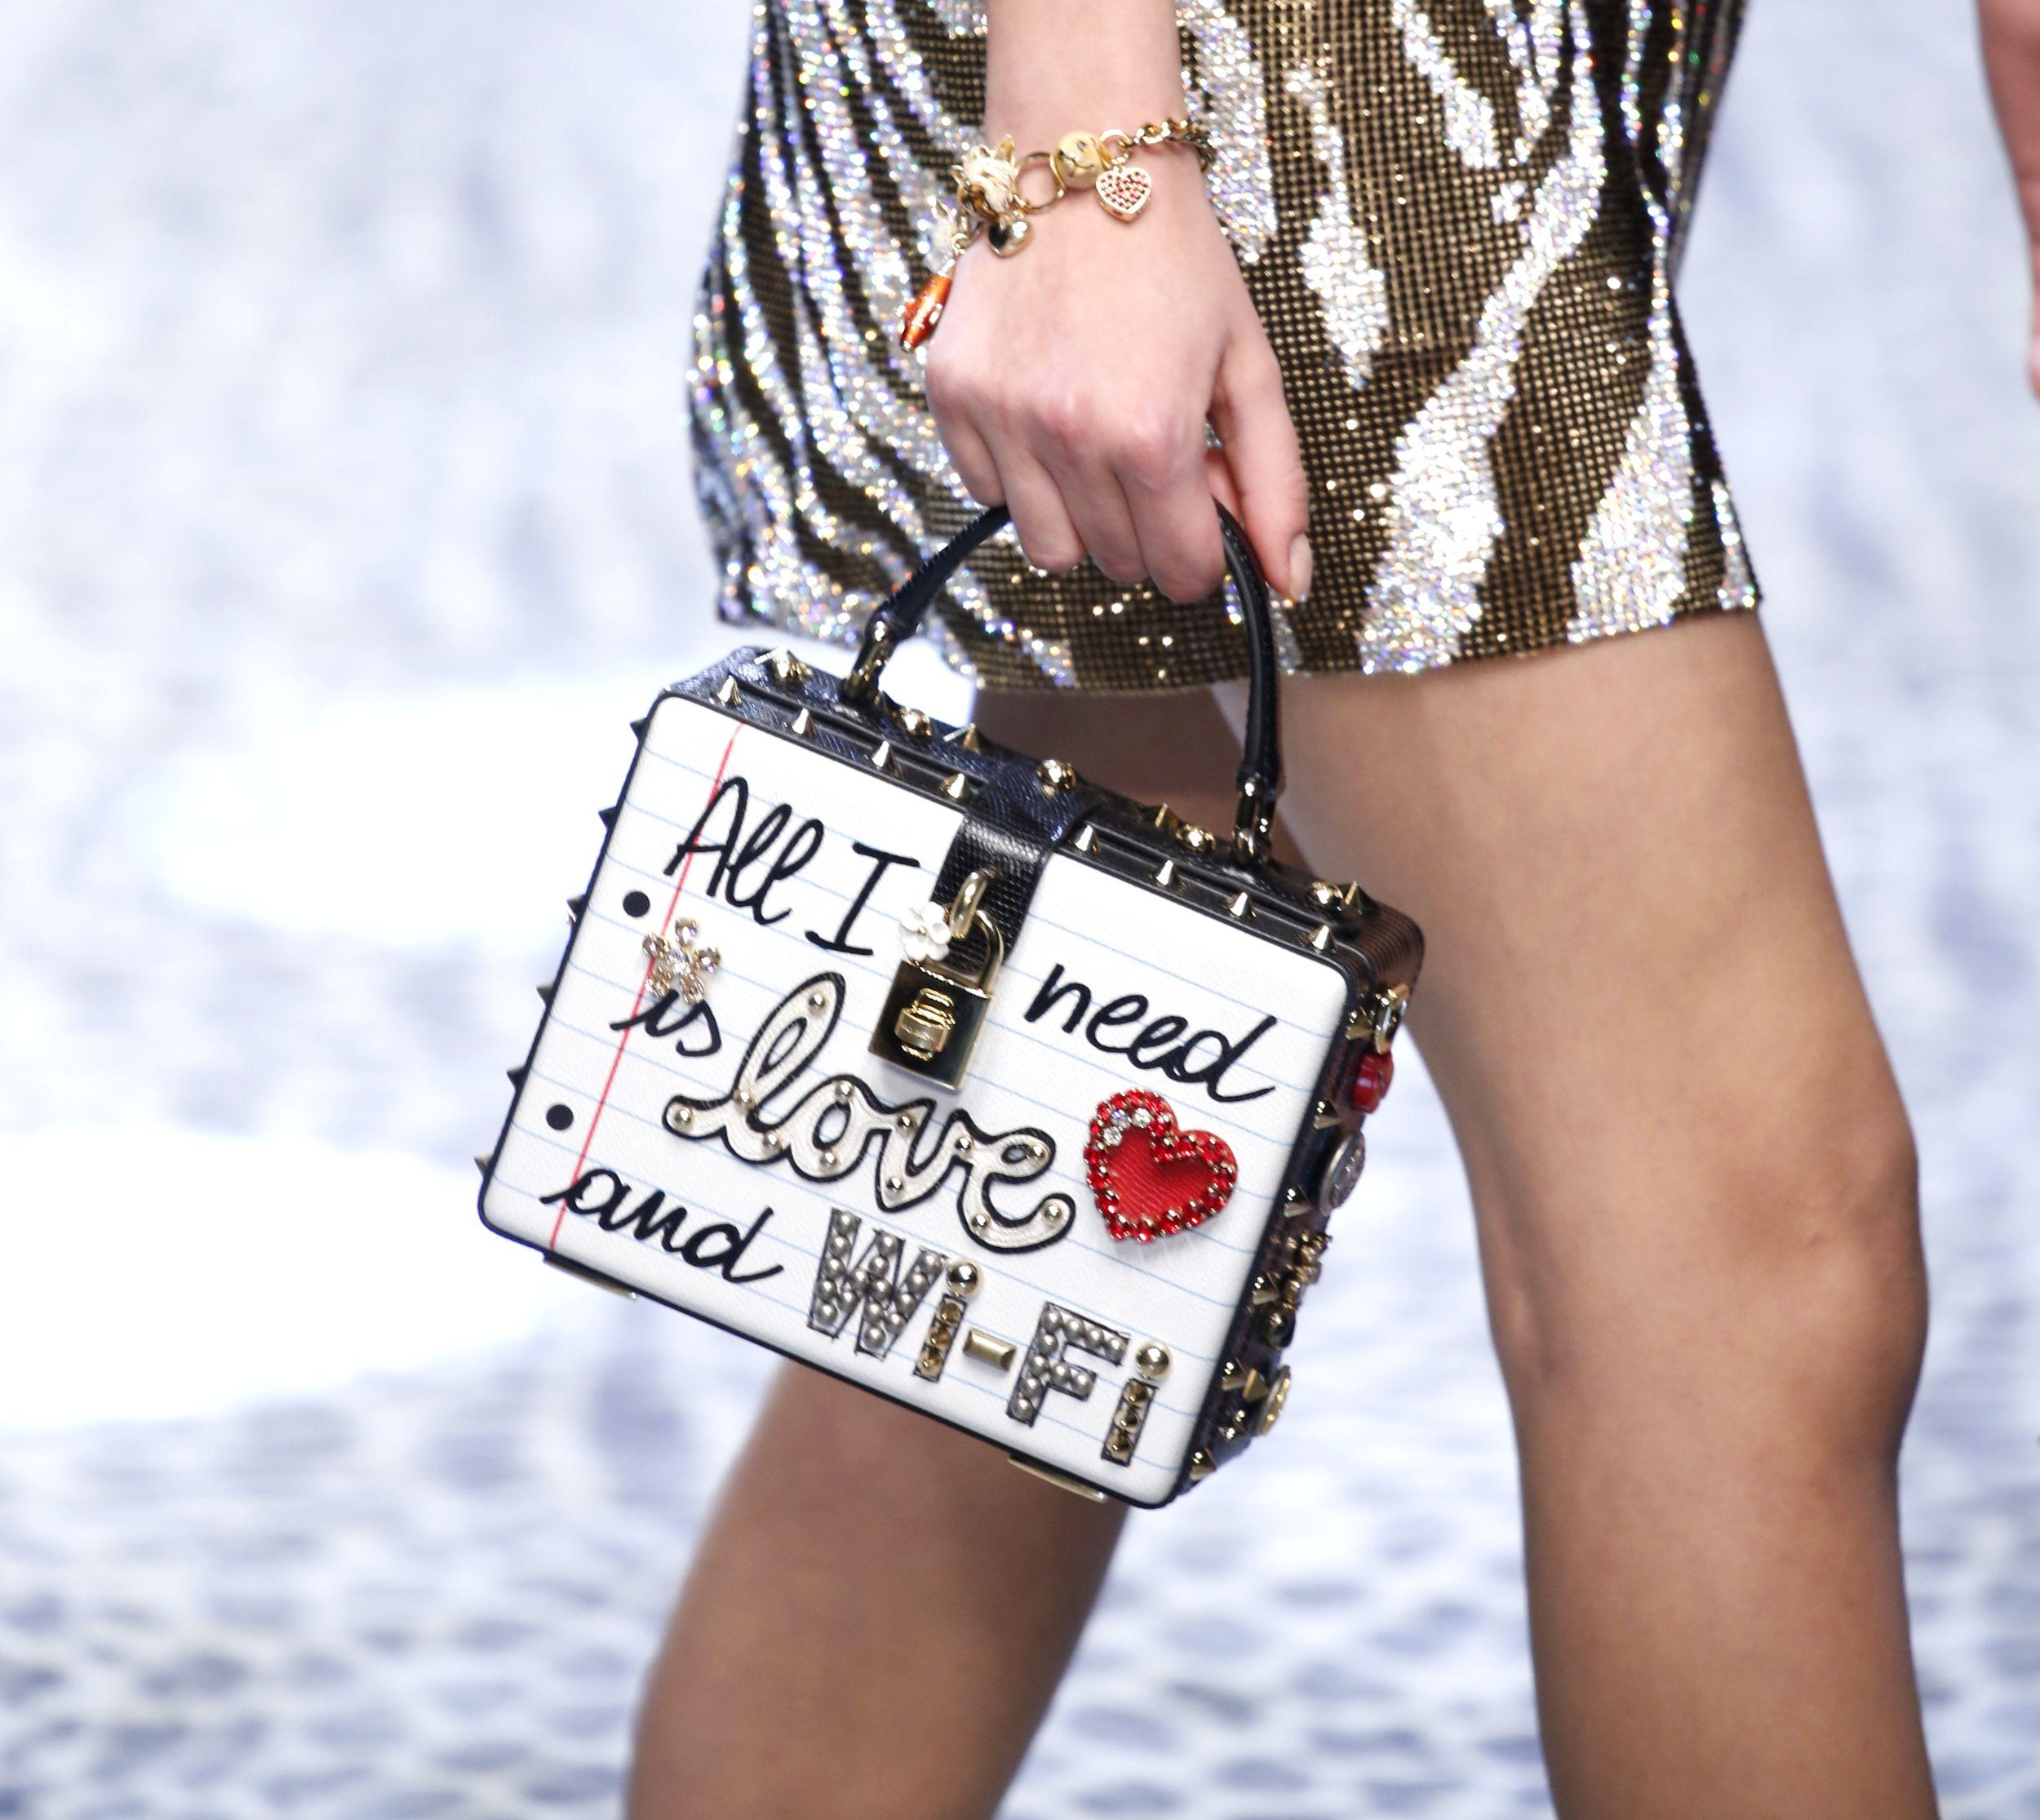 Milan Fashion Week Fall: Dolce & Gabbana mit deutlicher Message auf der Handtasche (ddp images)